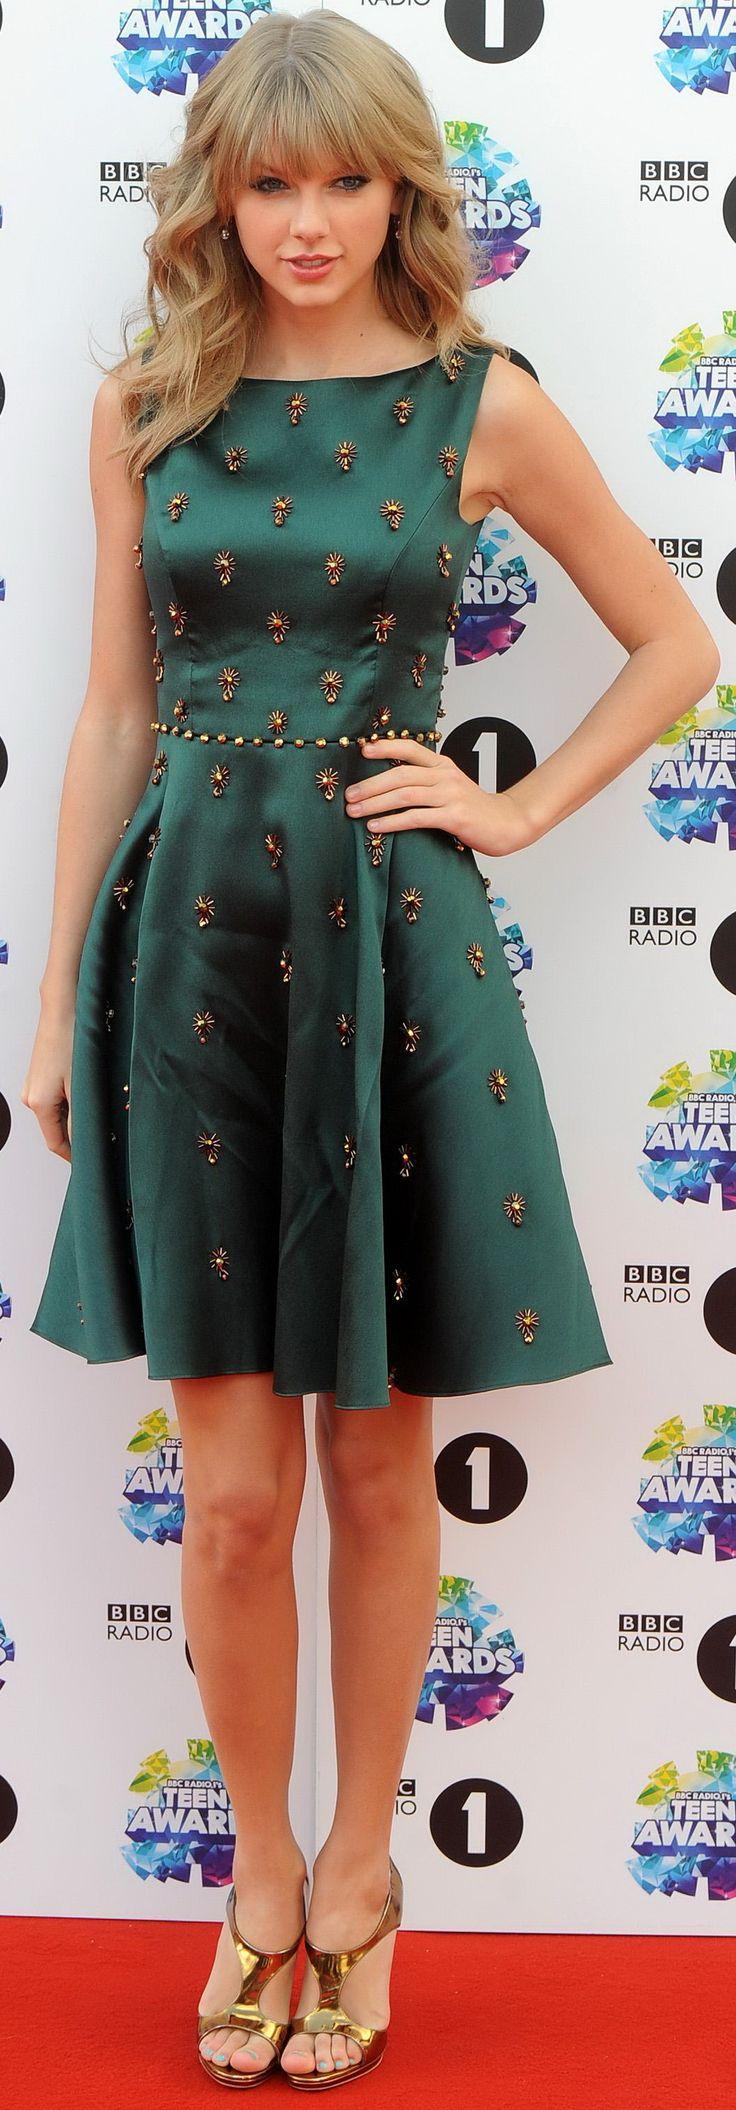 """Taylor Swift. Jenny Packham dress at TCAs. Gente que liinda, ela sabe se vestir """"-"""""""